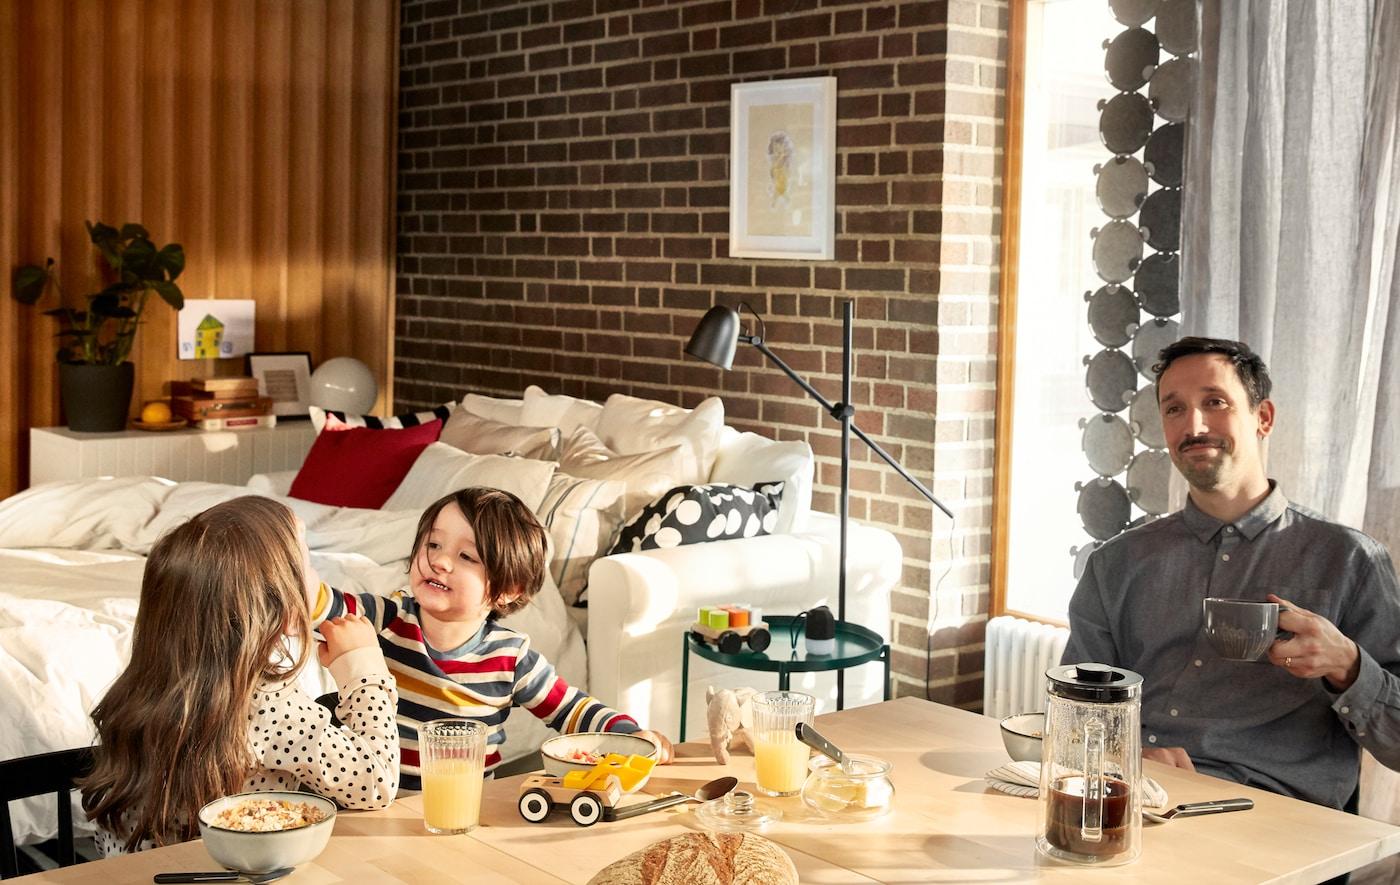 一位父亲坐在早餐桌旁悠然地喝着咖啡,他的两个孩子在身边捣弄着自己的食物。